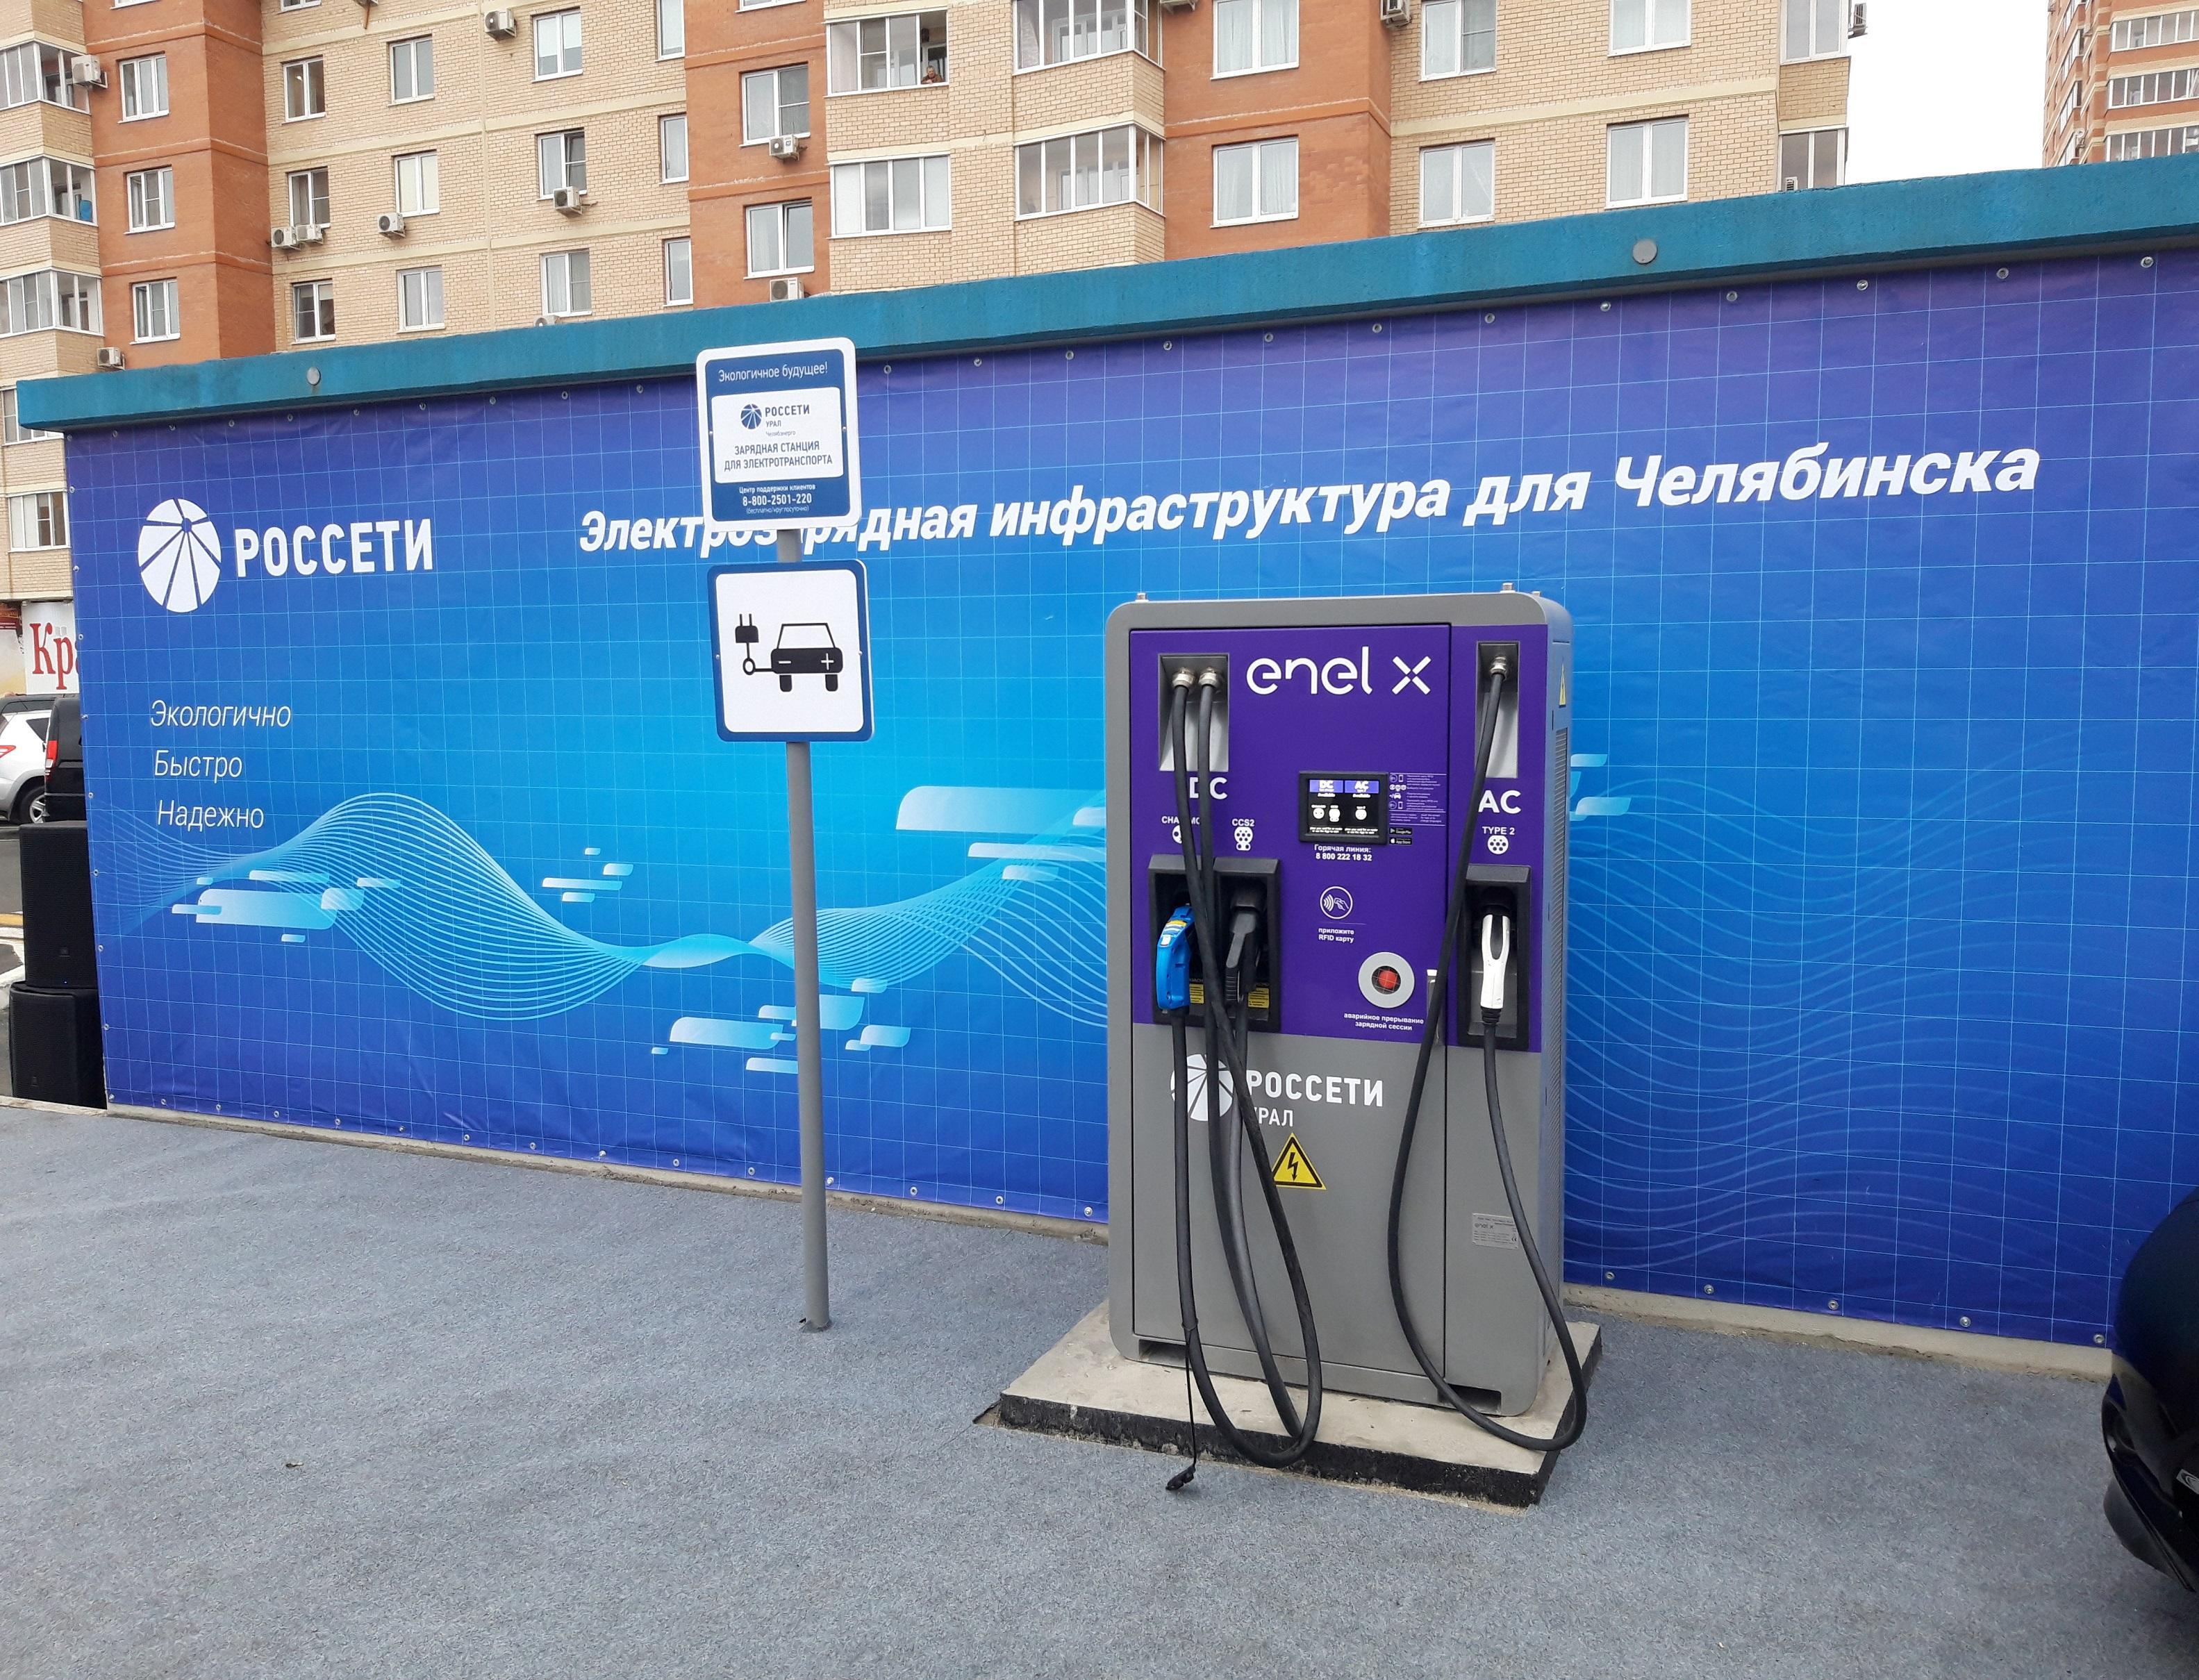 Будущее электромобилей в России и в мире